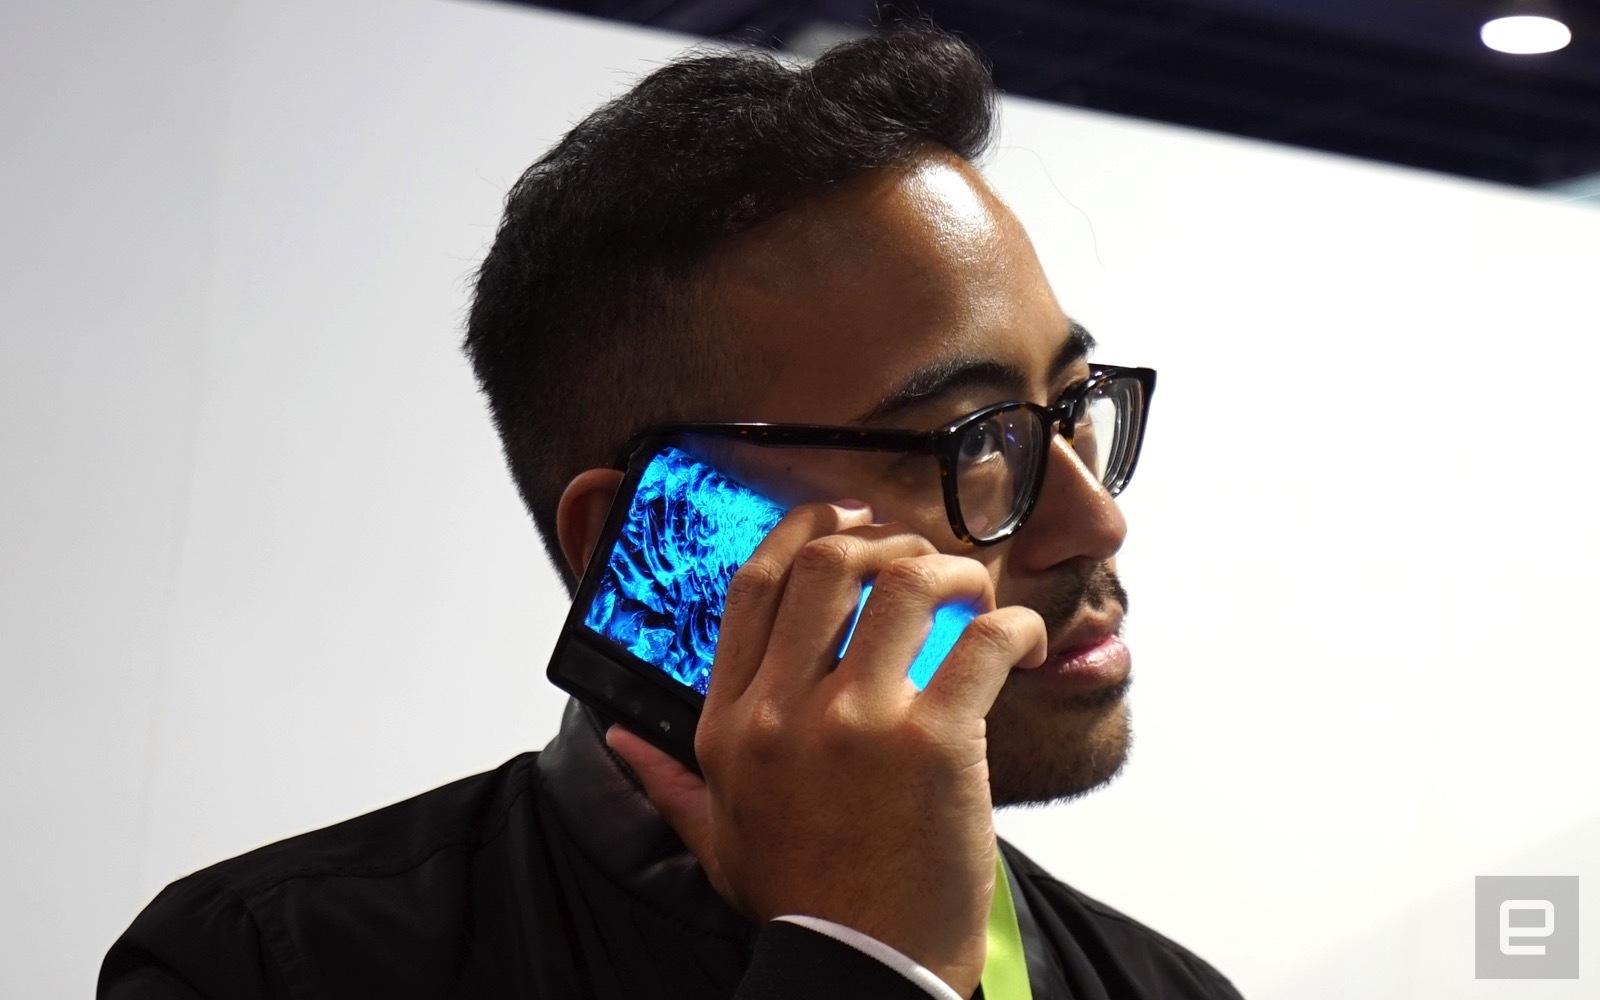 نمایشگاه CES 2019 | اولین گوشی منعطف Royole رونمایی شد +تصاویر